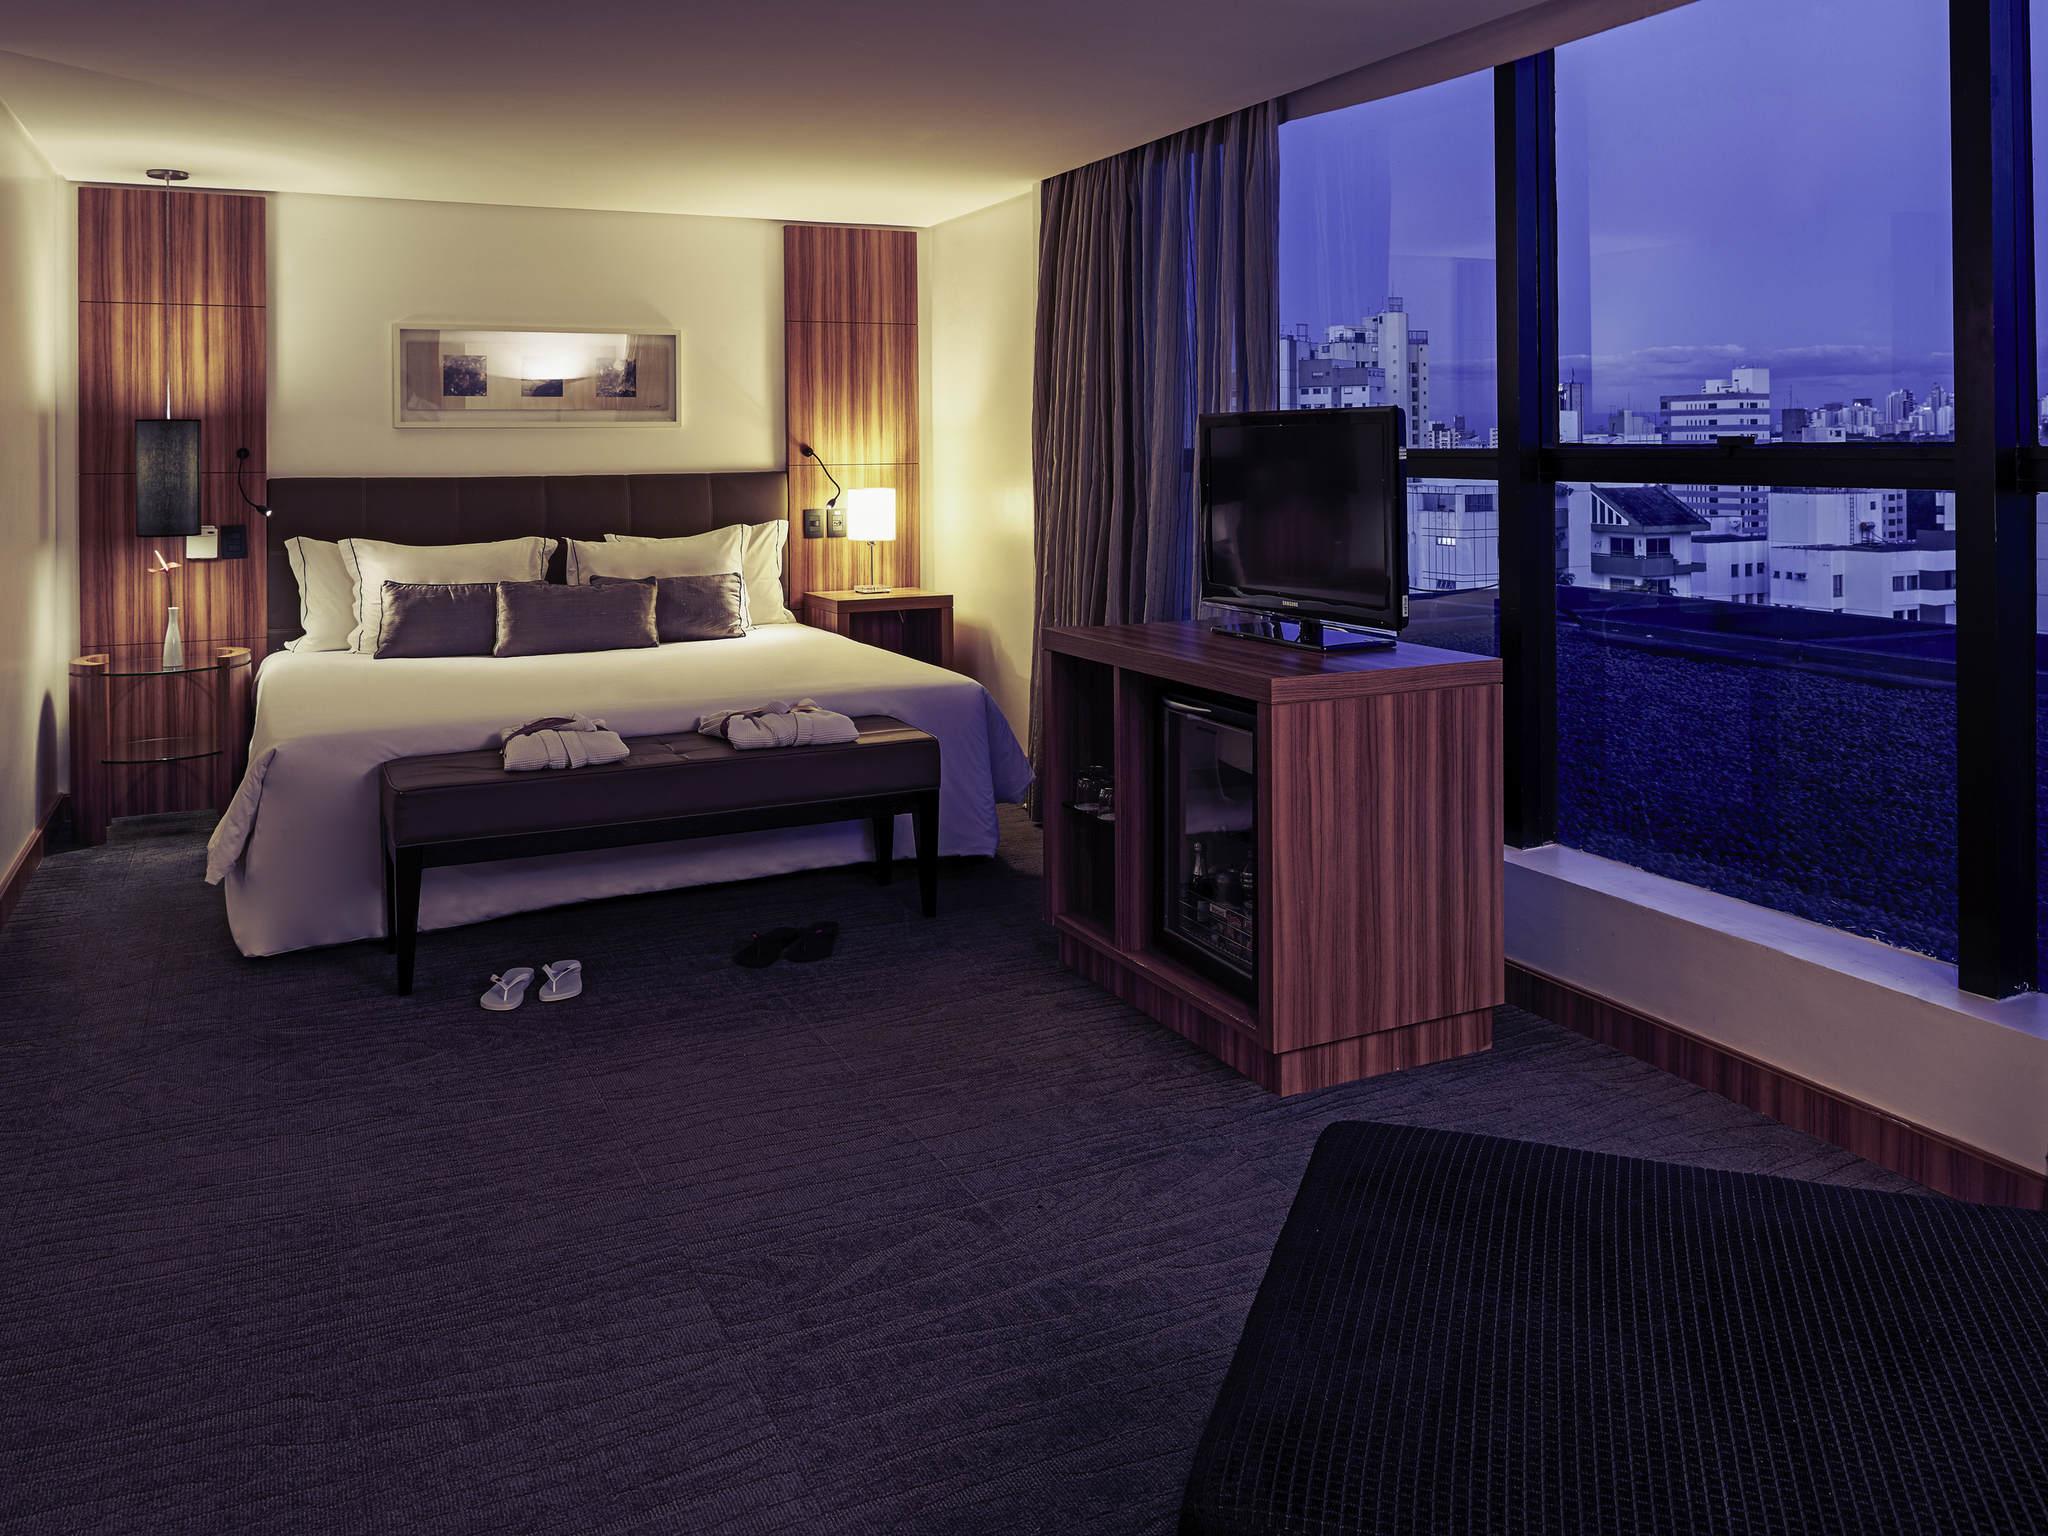 酒店 – 戈亚尼亚美居酒店